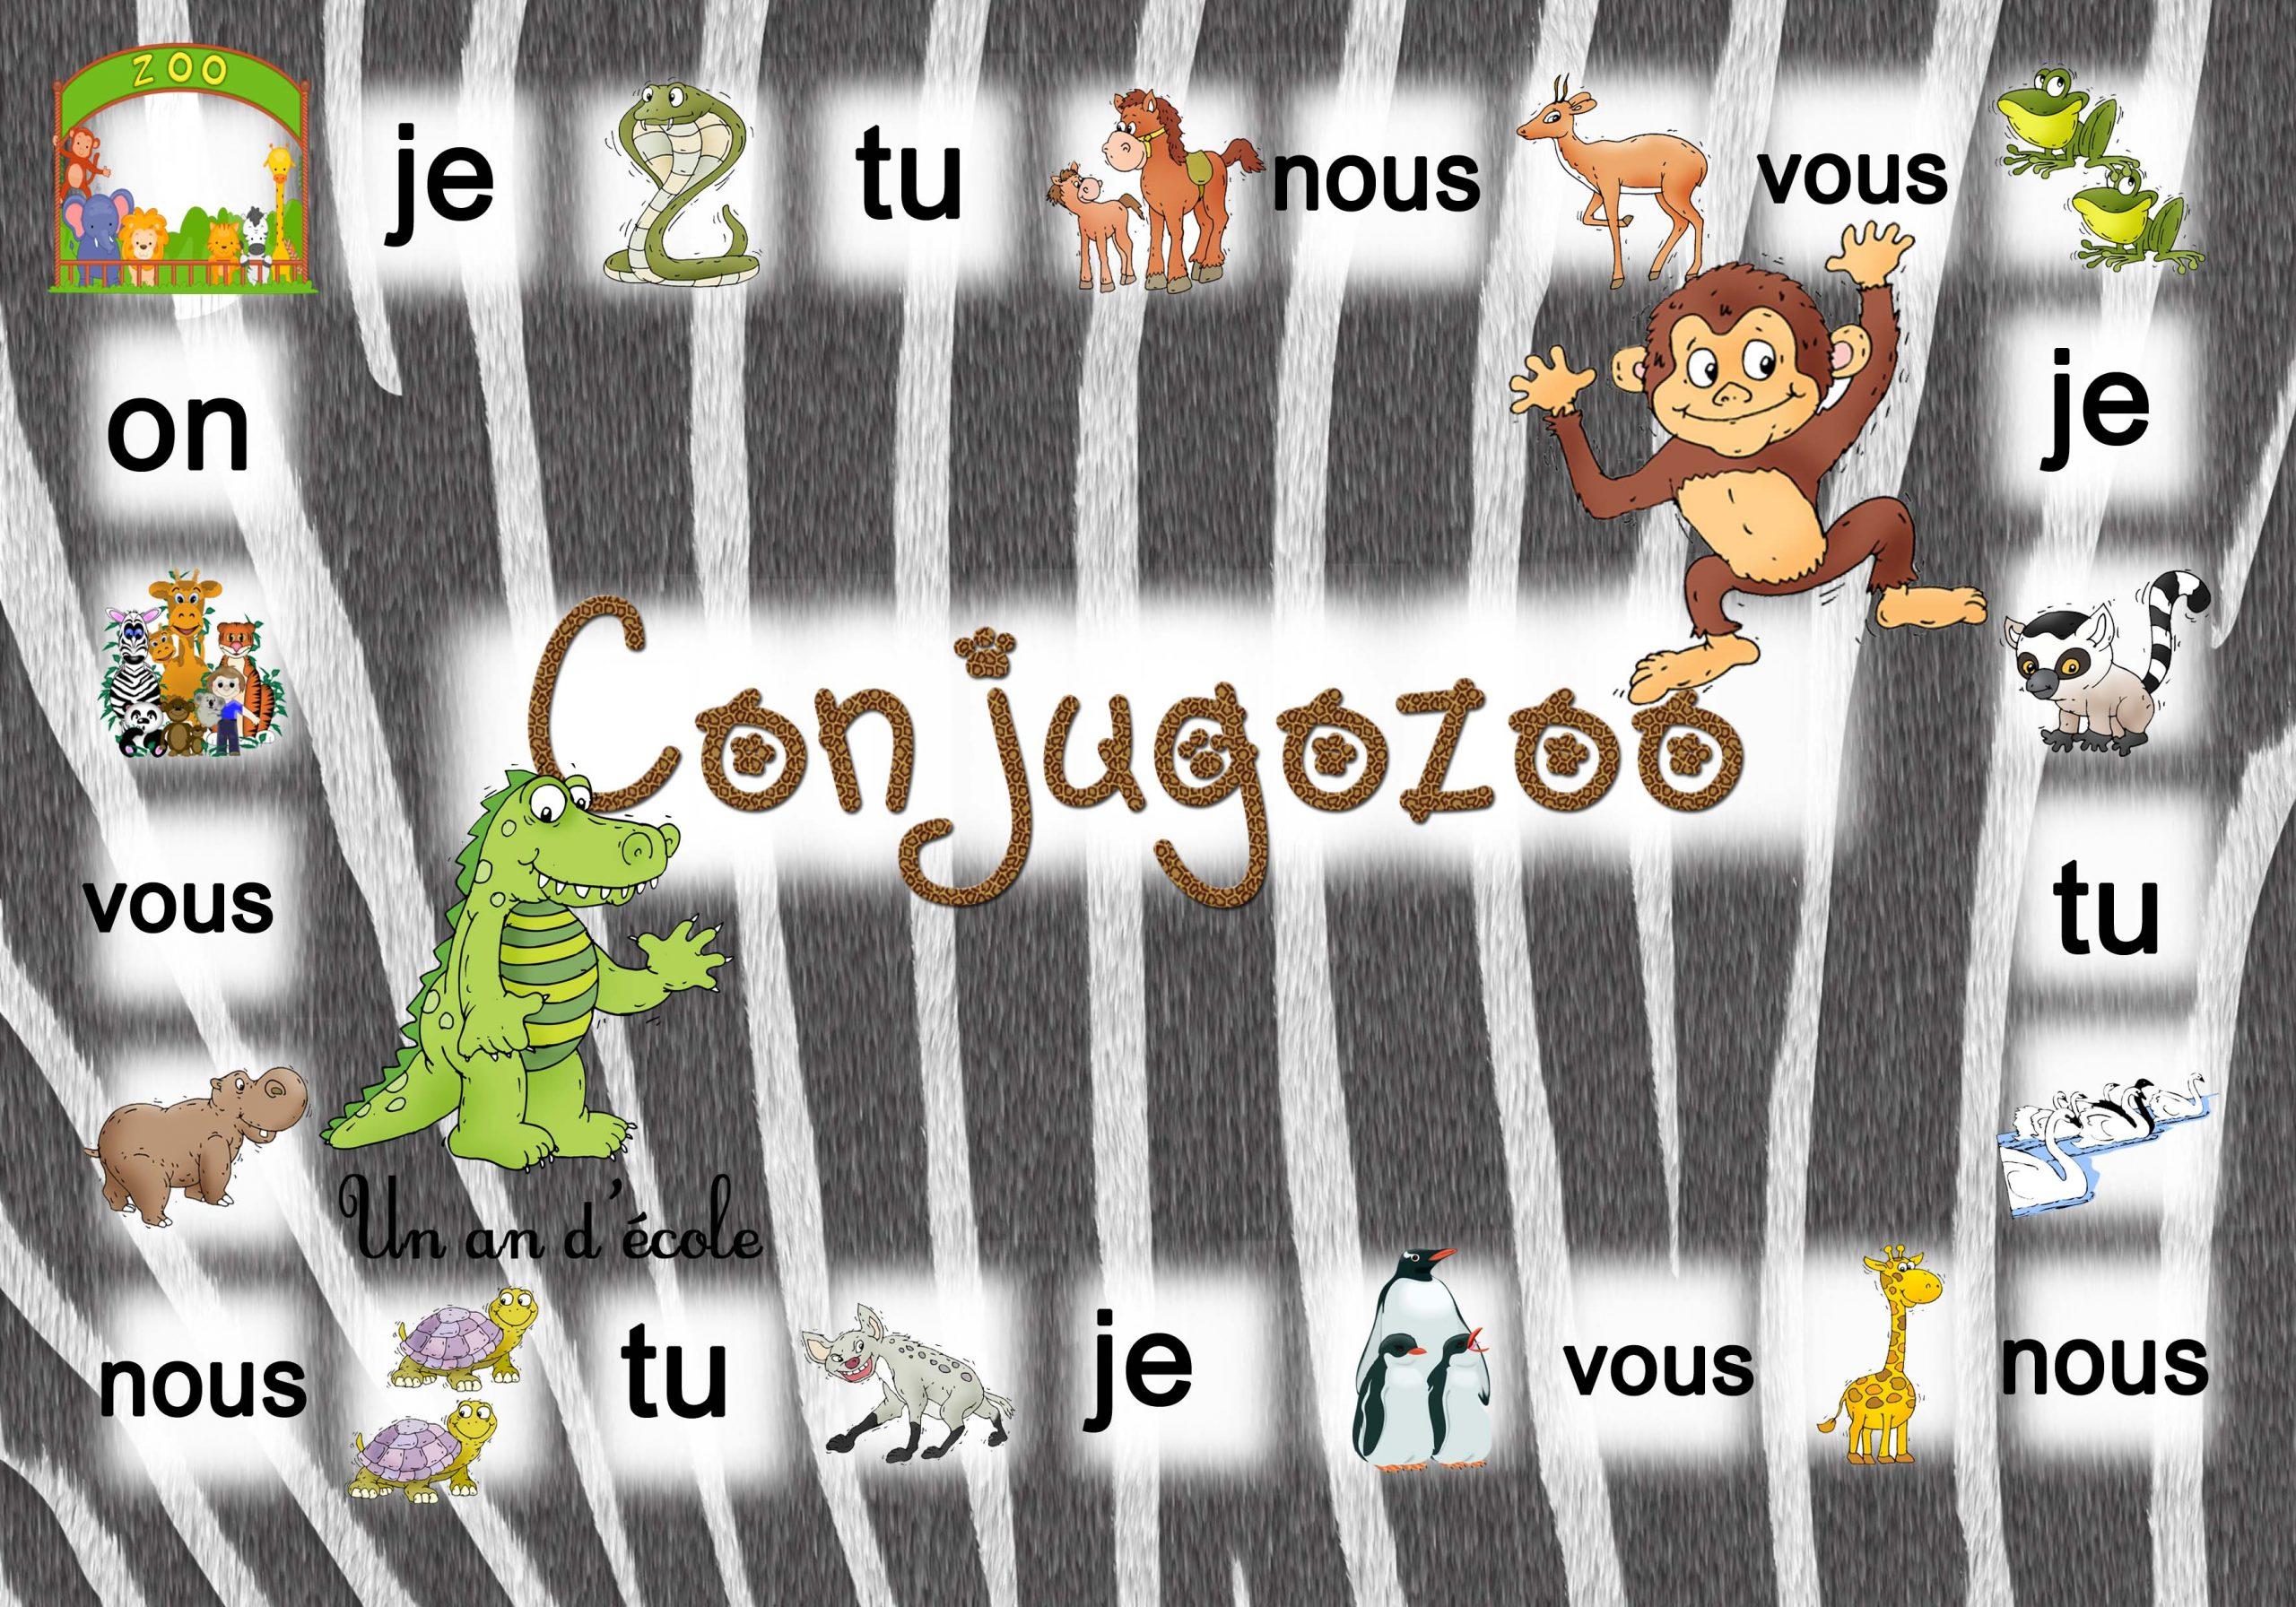 Conjugozoo : Jeu Pour Conjuguer Du Ce1 Au Cm2 En Passant Par destiné Jeux De Éducatif Ce2